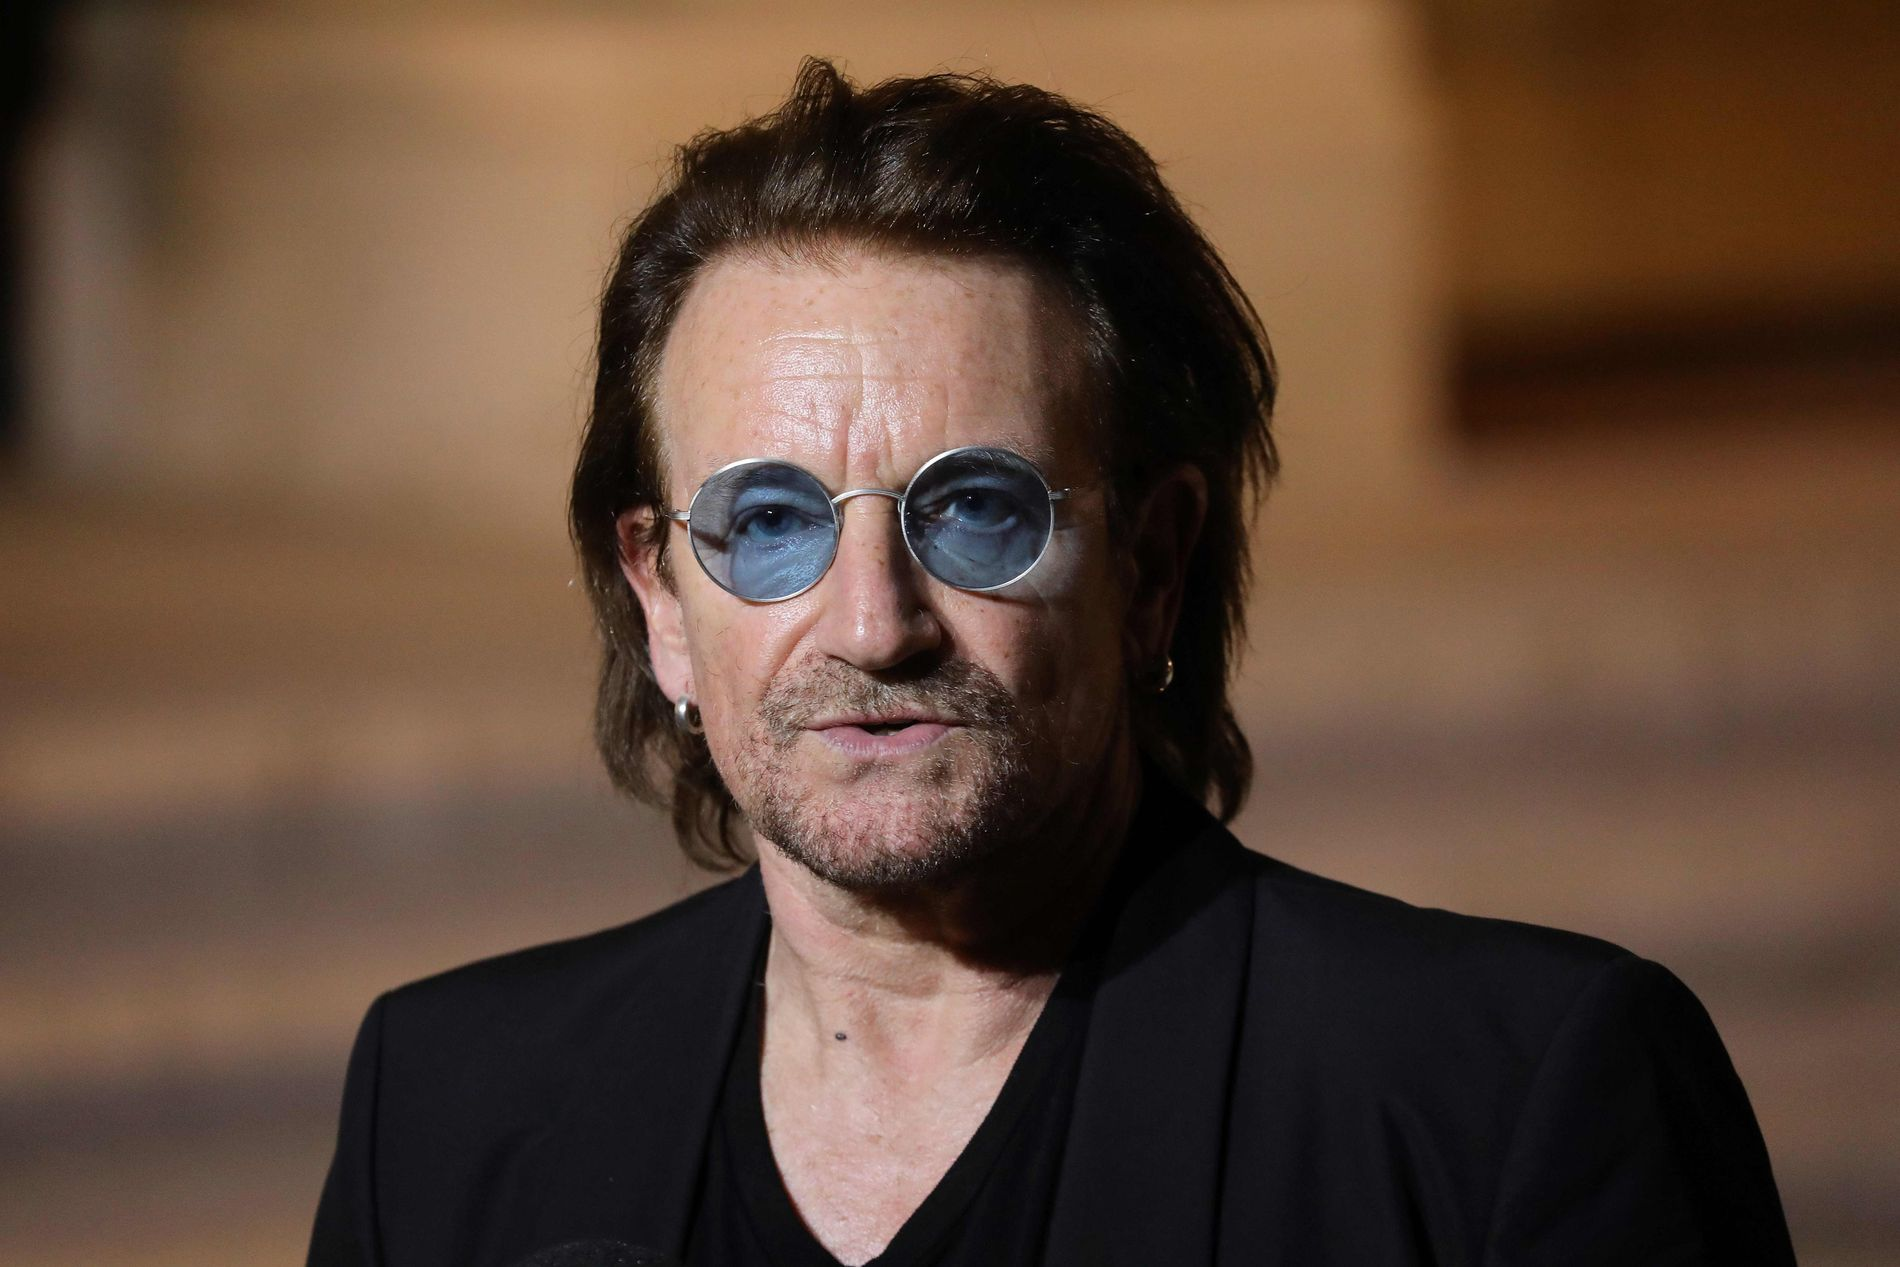 UT MOT ÅKESSON: Under en konsert i Paris brukte Paul David Hewson, bedre kjent som Bono, anledningen til å kritisere Jimmie Åkesson.